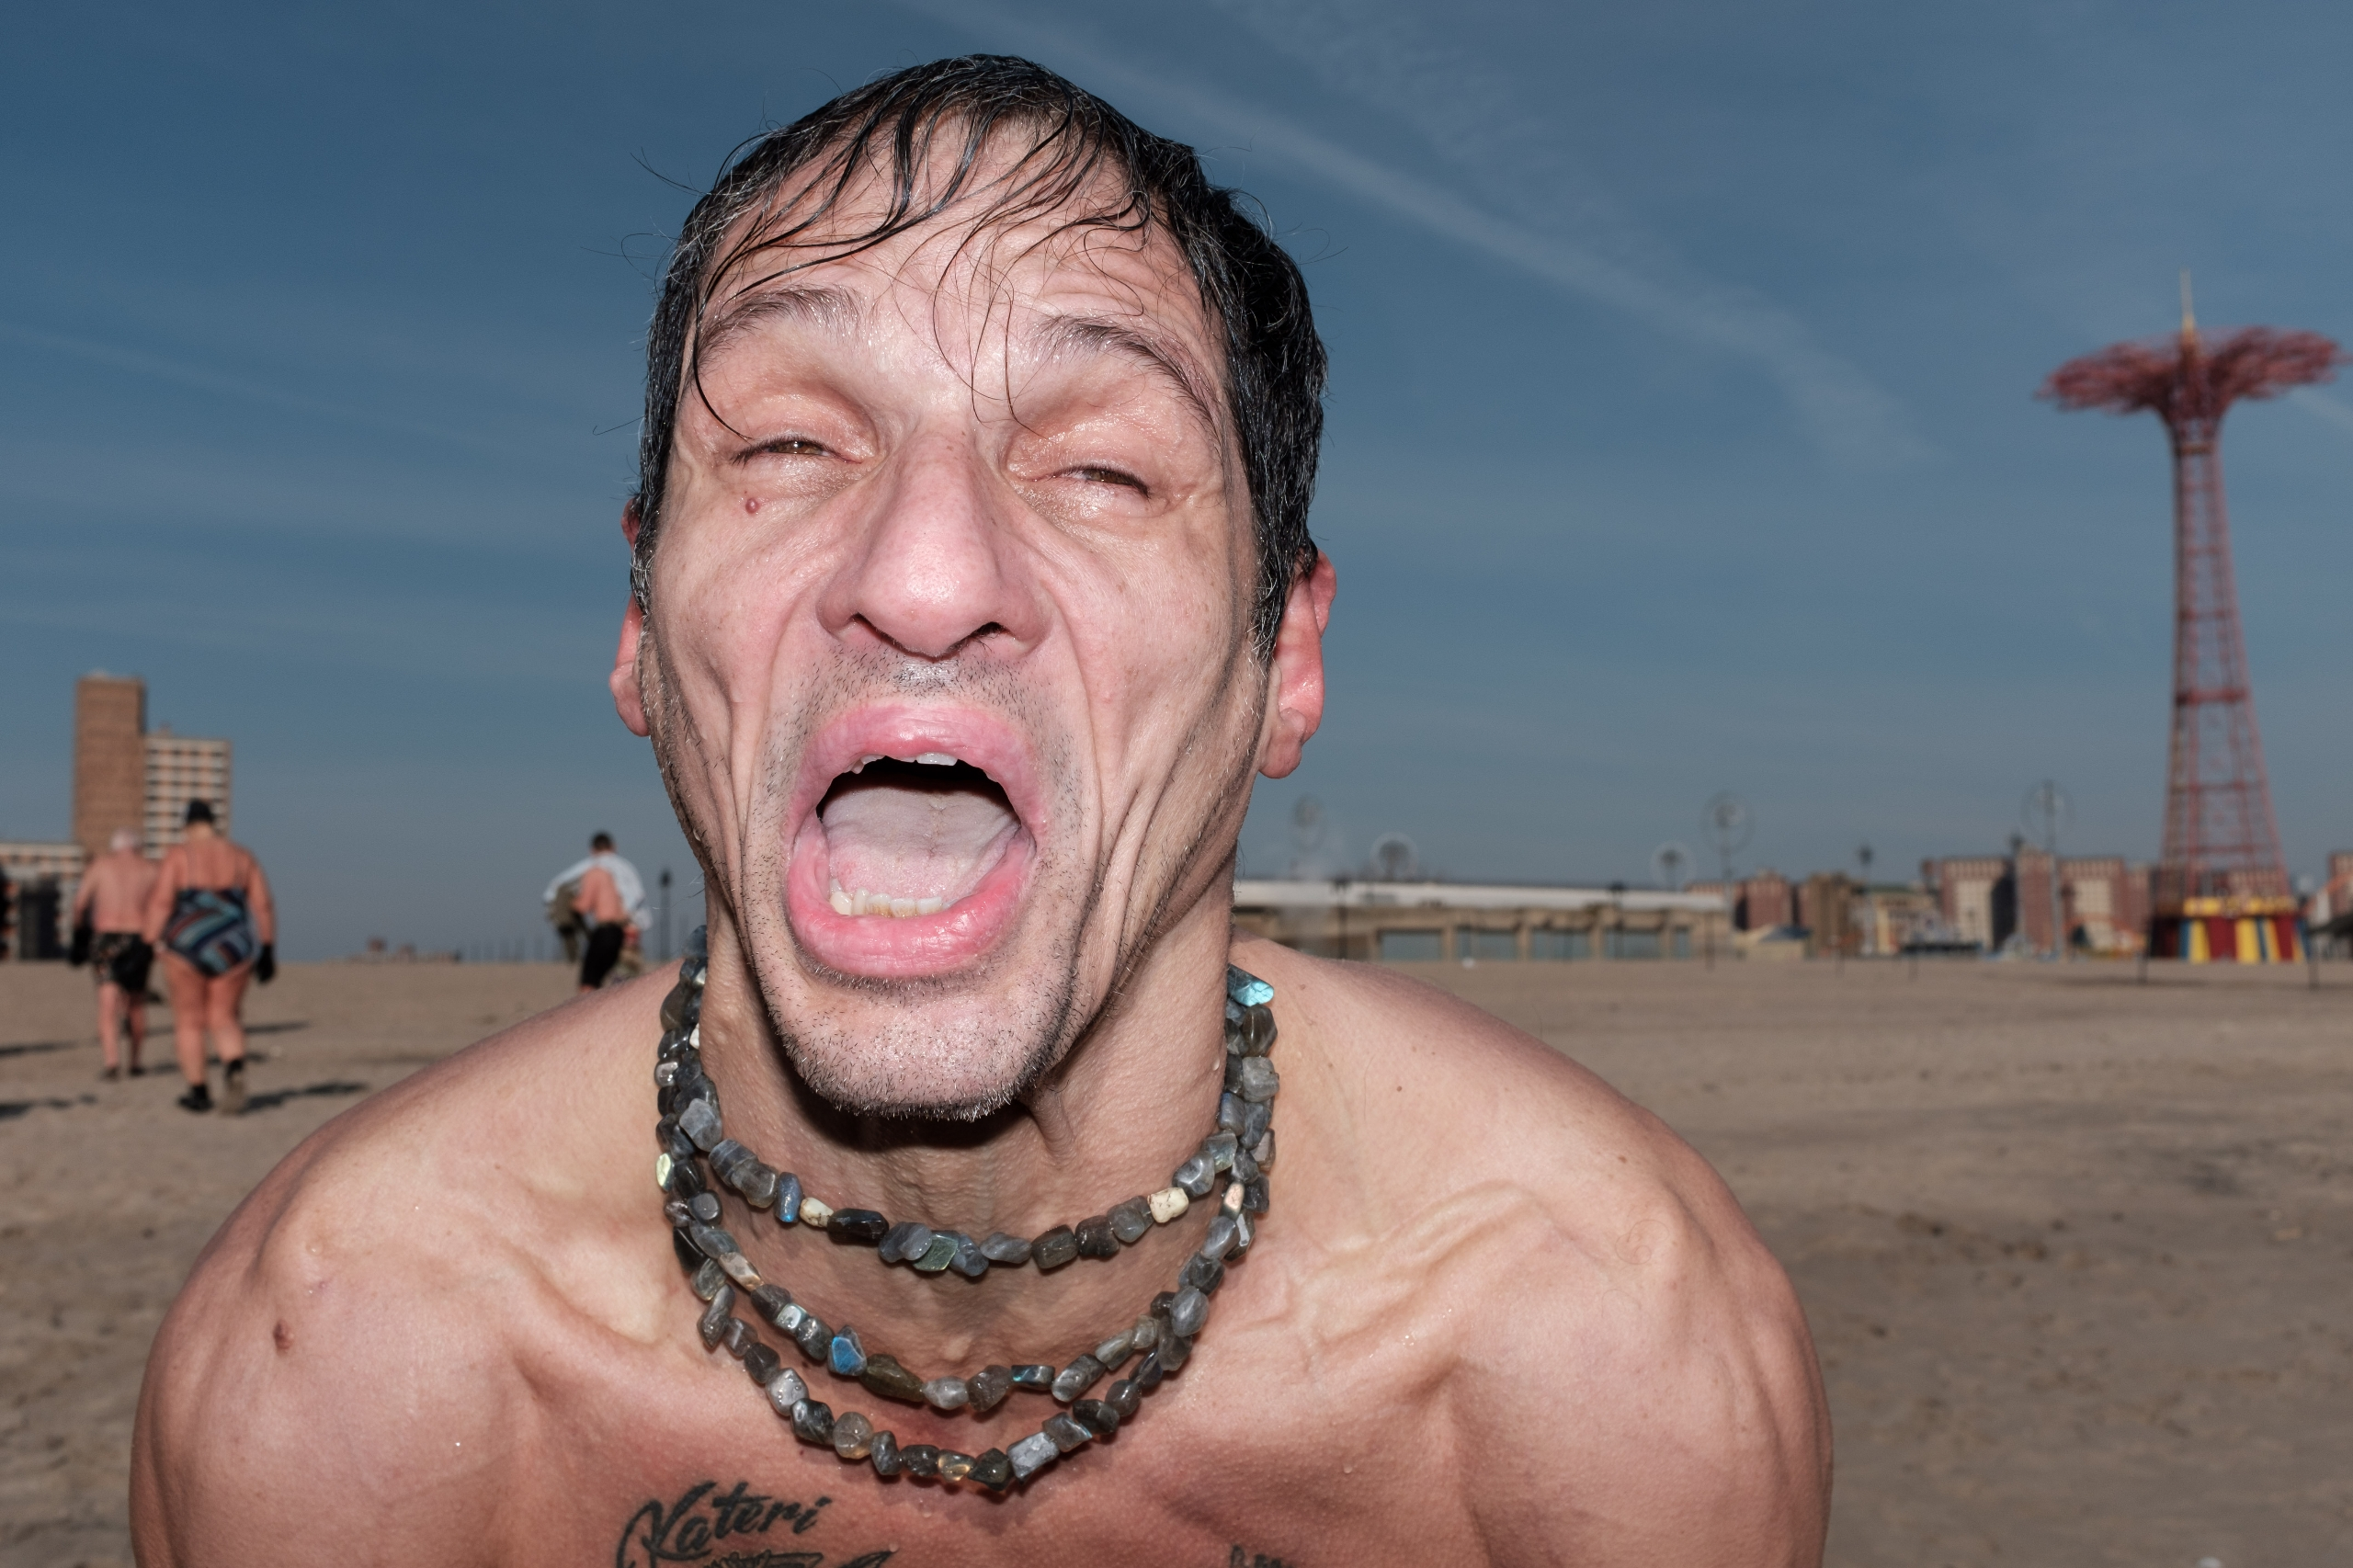 Sweating Icicles Coney Island,  - giseleduprez | ello